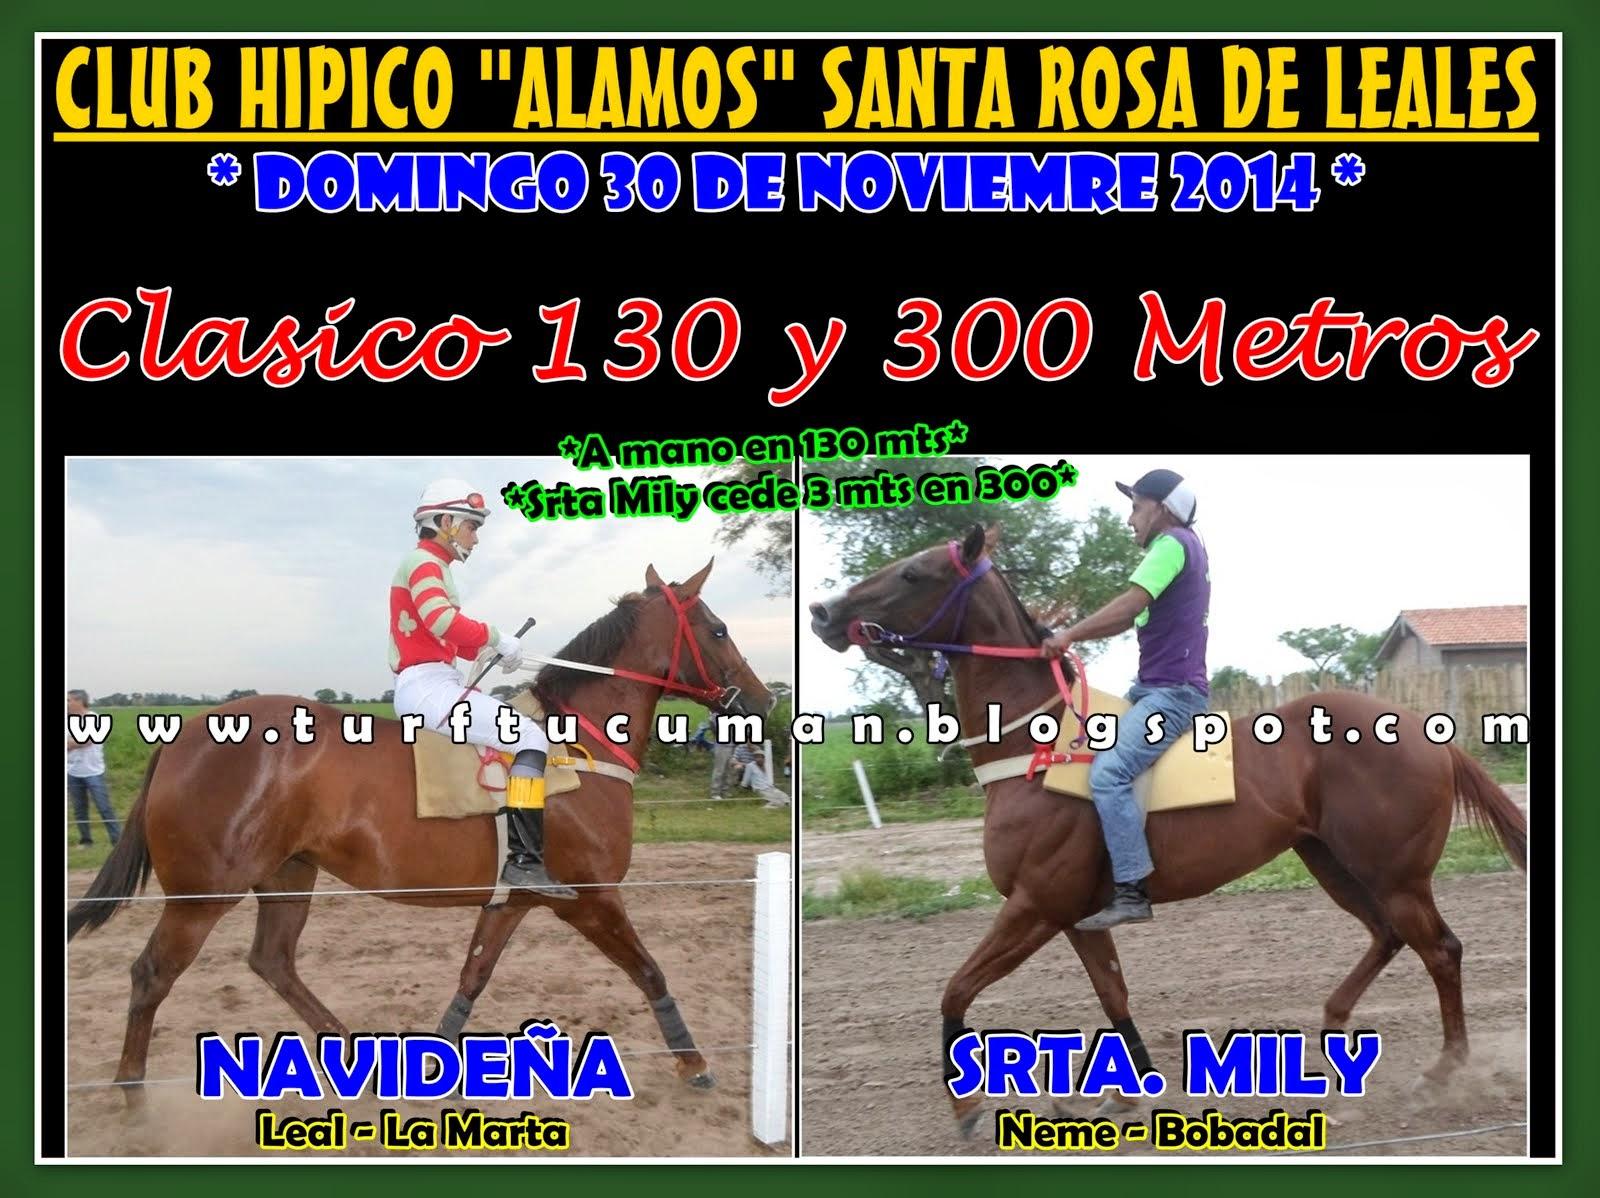 NAVIDEÑA VS SRTA MILY